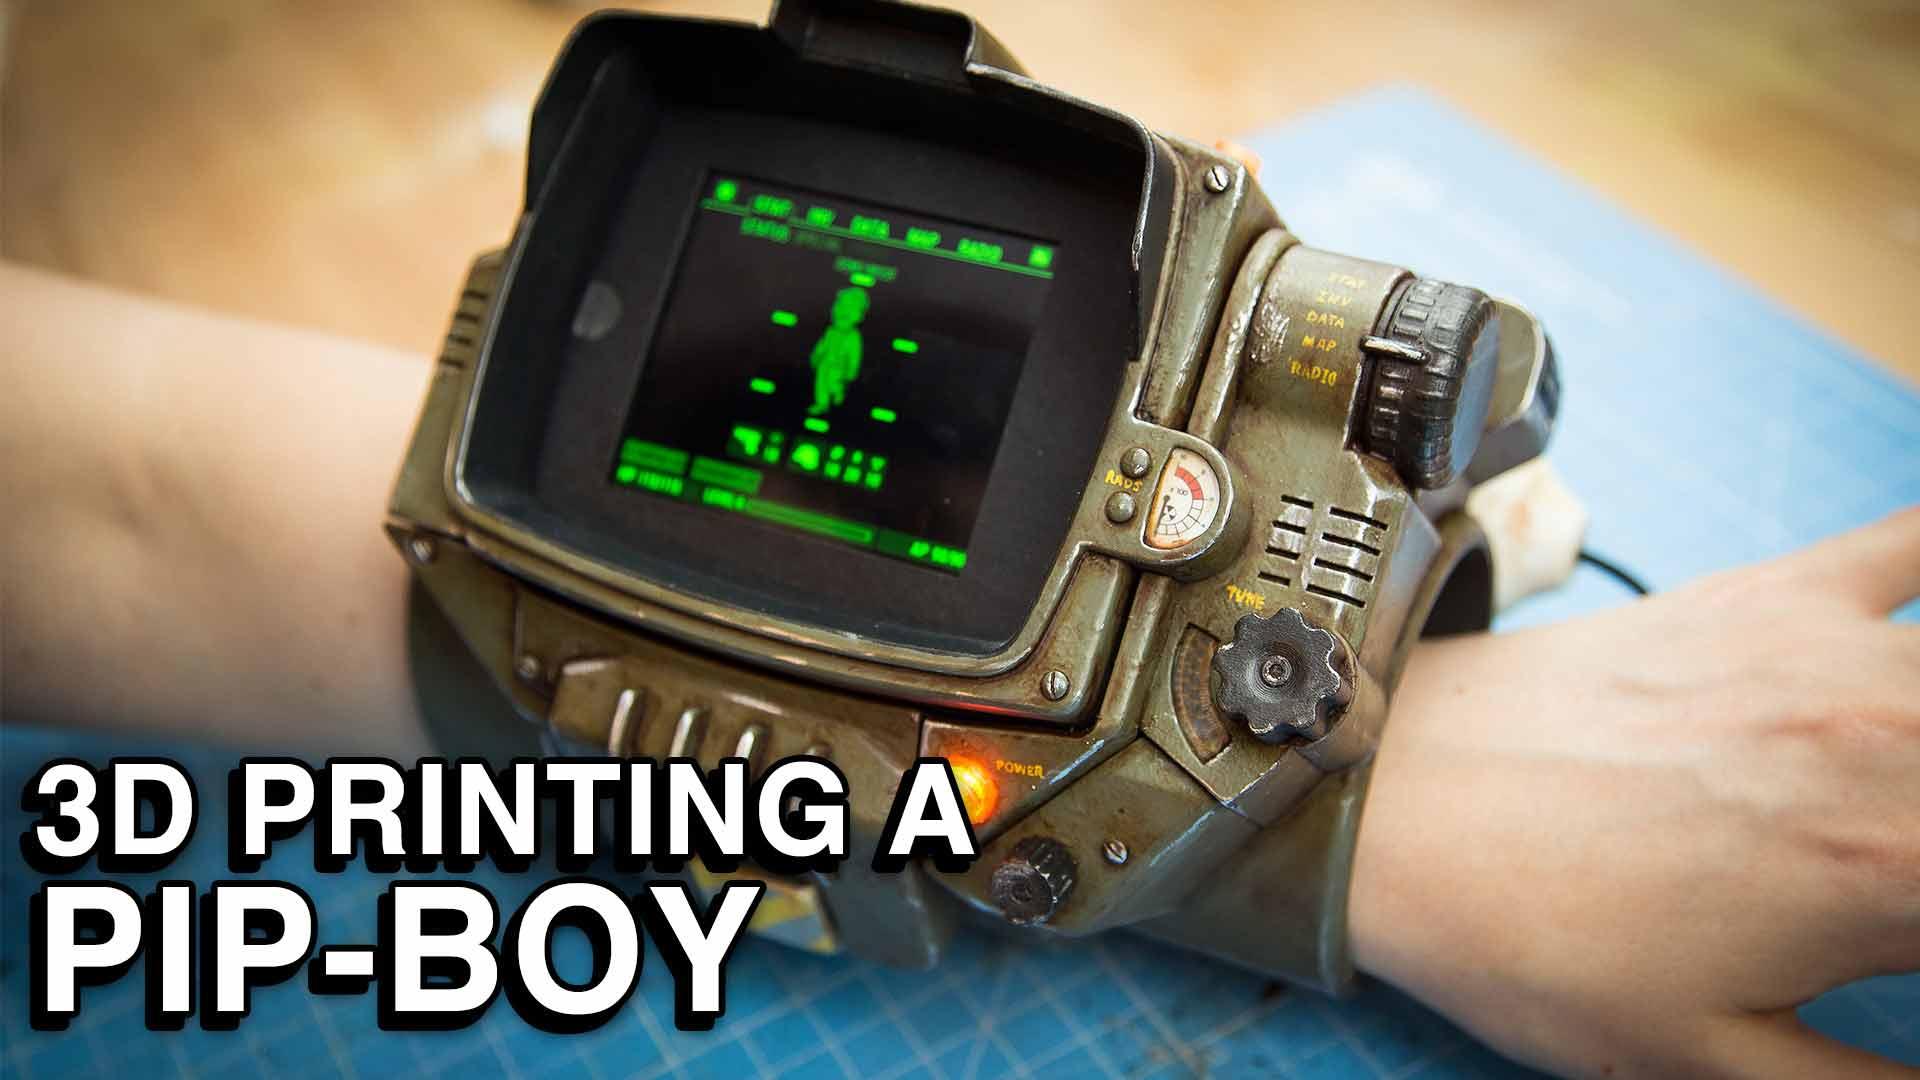 3D printing a Pip-Boy